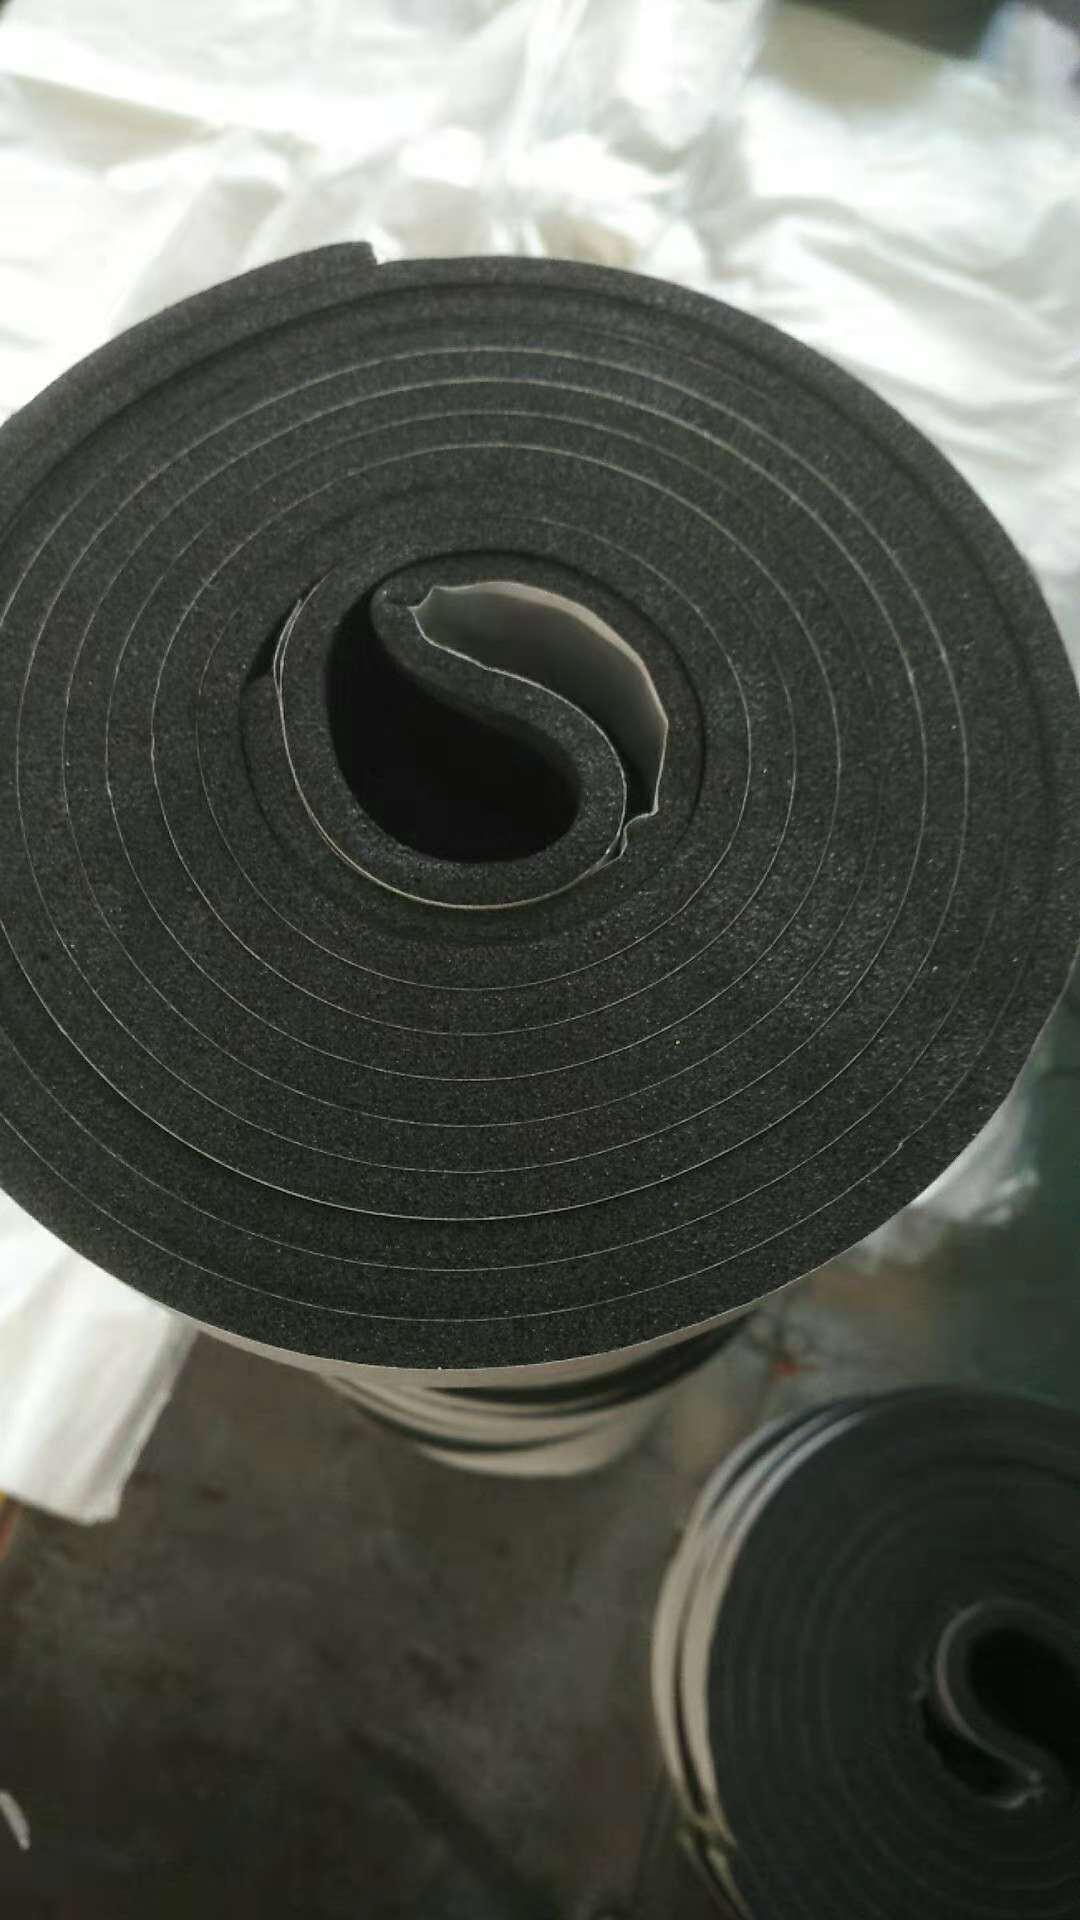 橡塑专用胶带橡塑海绵胶带 橡塑发泡密封海绵胶带 粘性极强胶带橡塑海绵胶带 自粘橡塑海绵胶条 保温隔热自粘密封条厂家批发